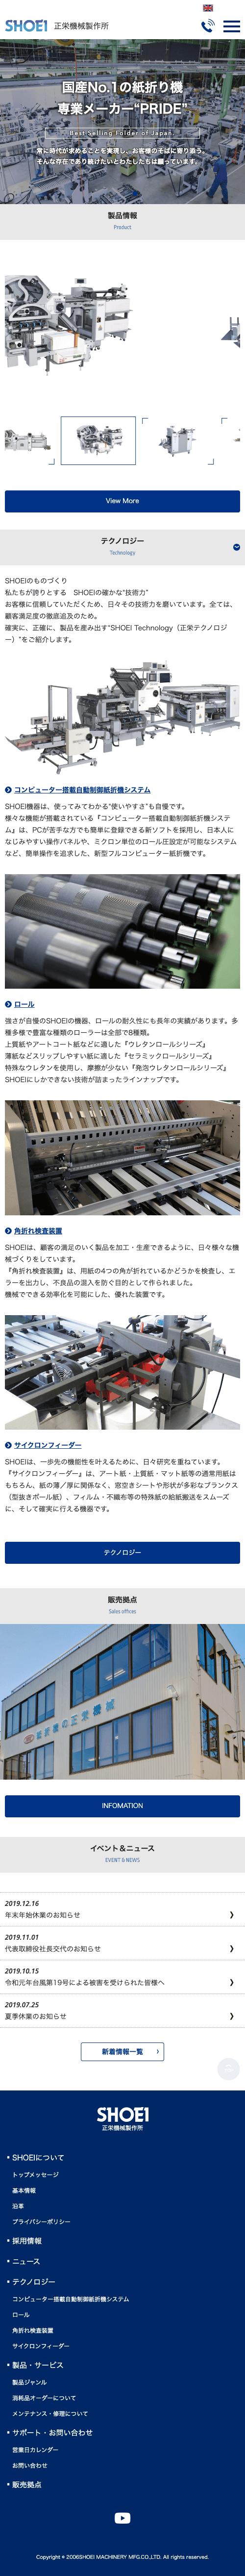 株式会社正栄機械製作所spイメージ